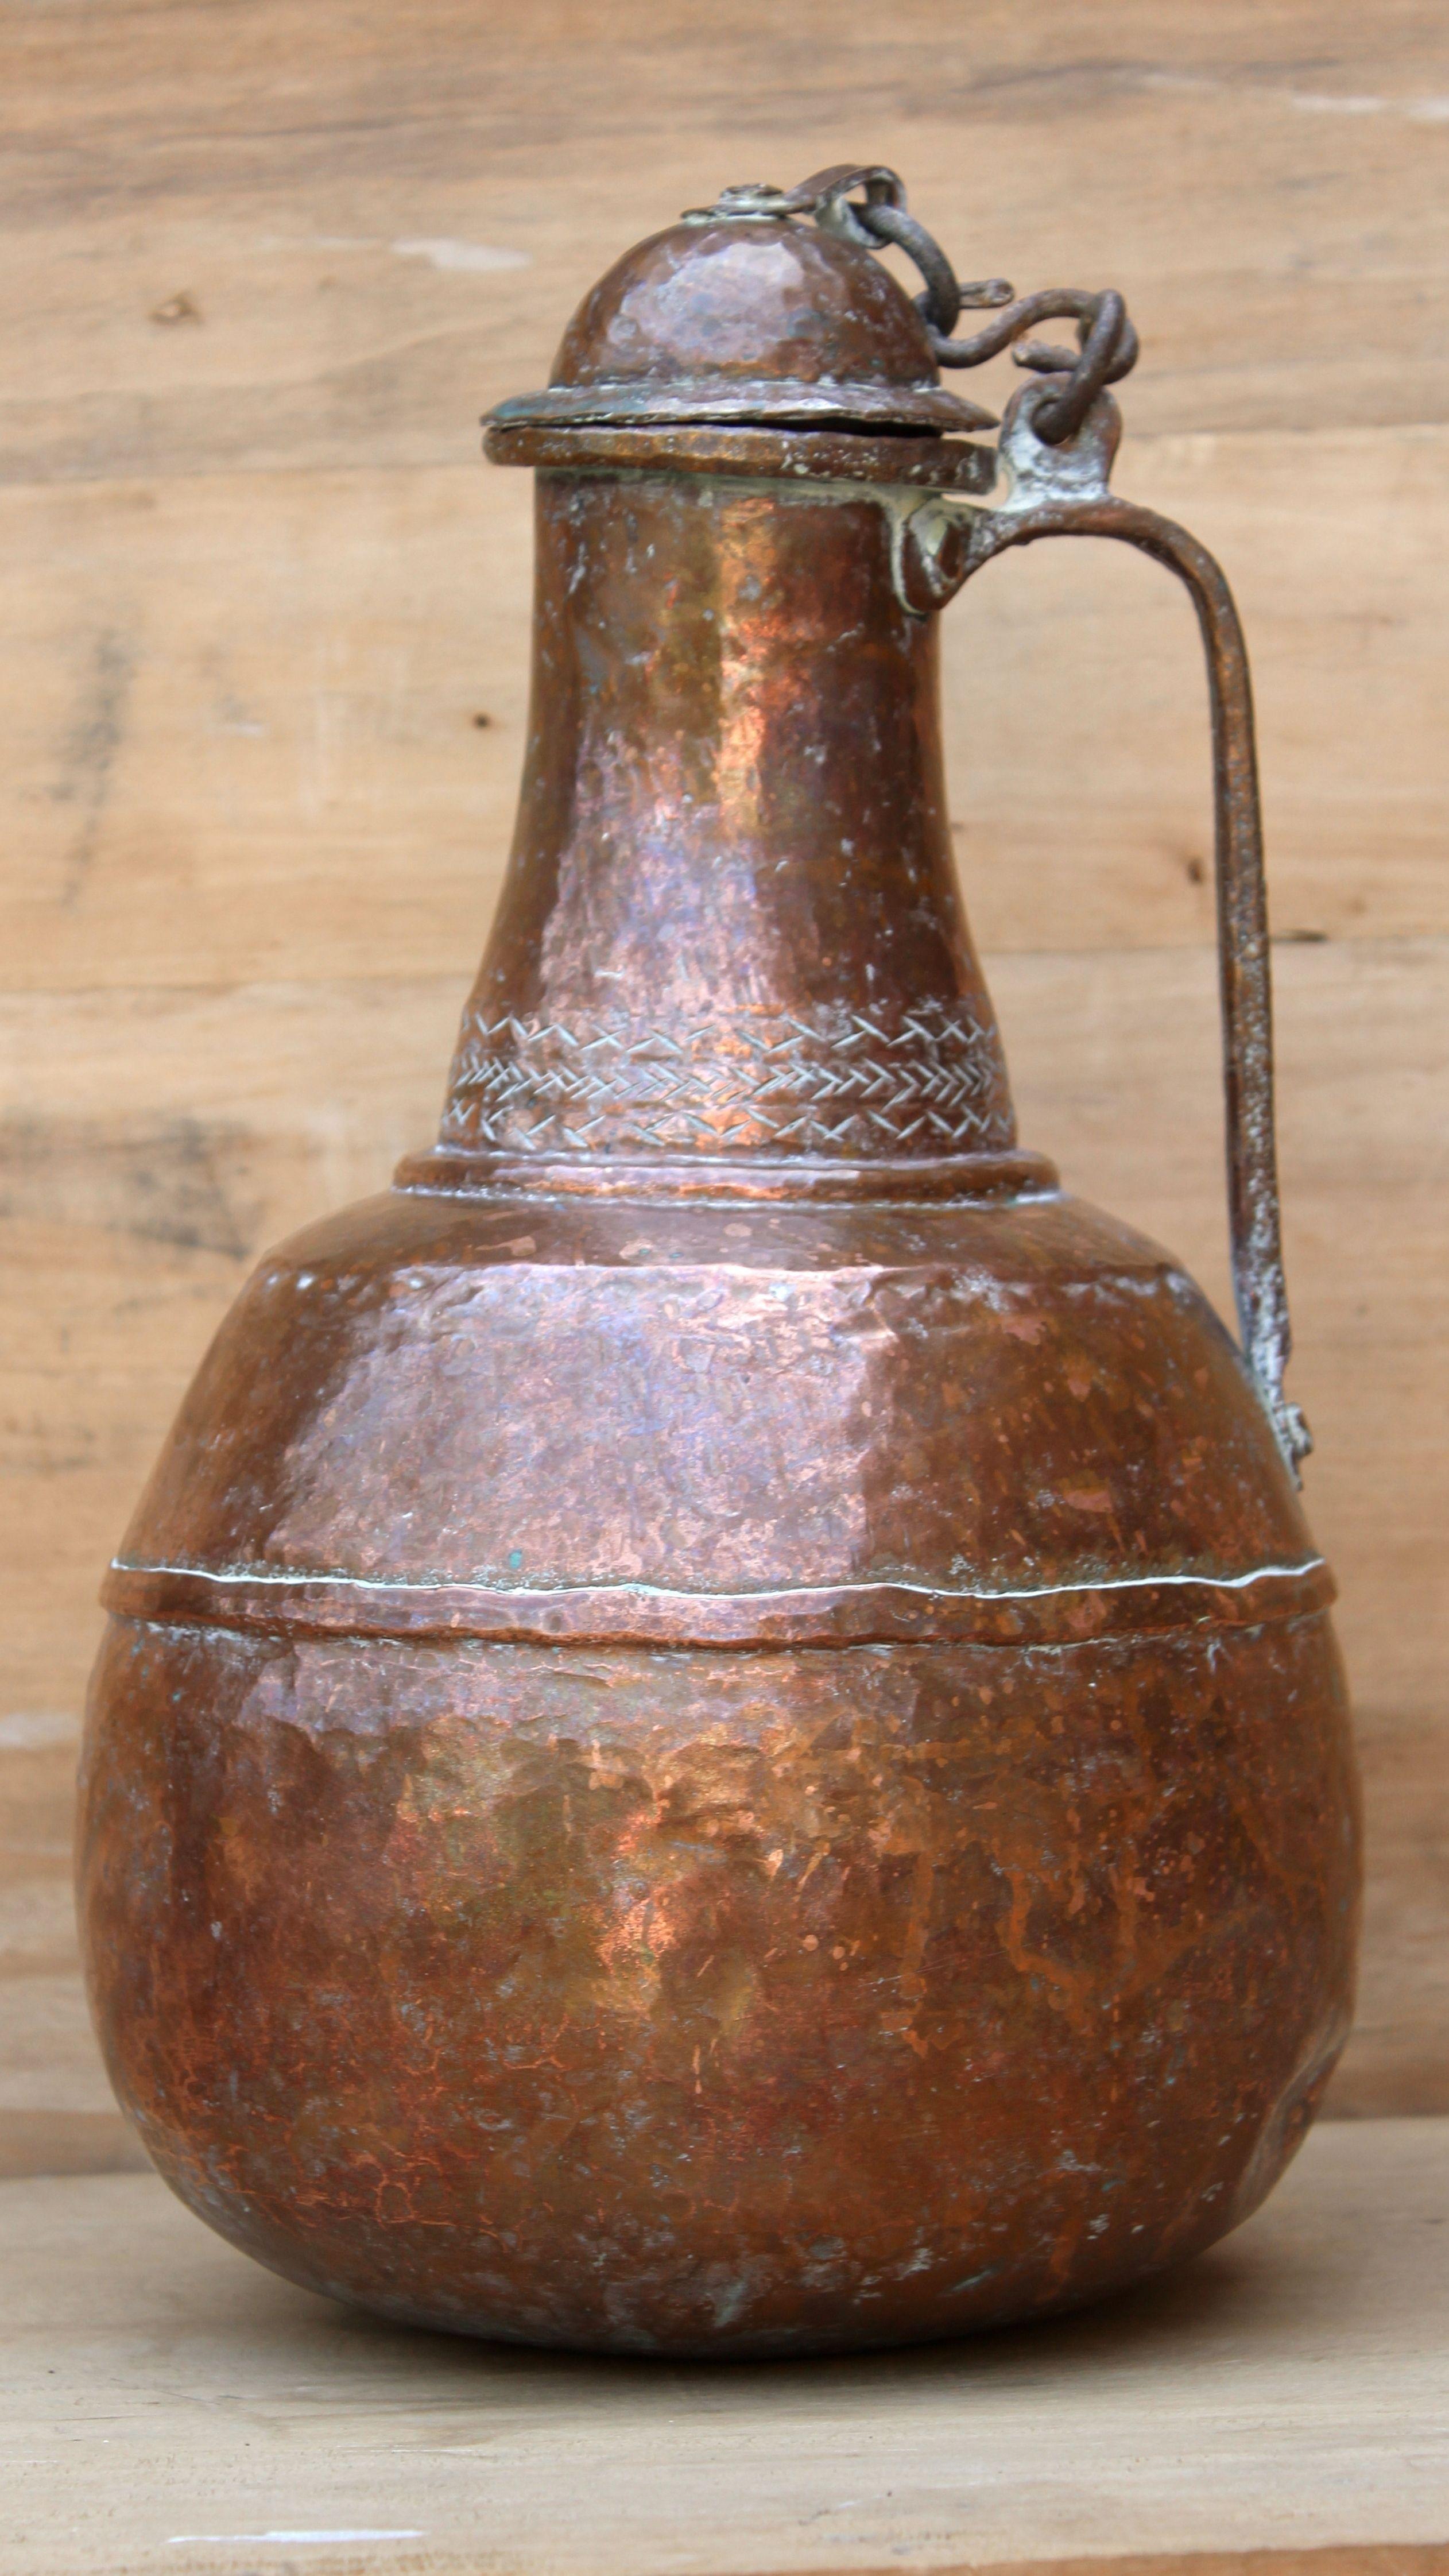 19th Century Copper Pitcher Large Handmade Hammered Water Jug Oriental Antique Décor Kitchen